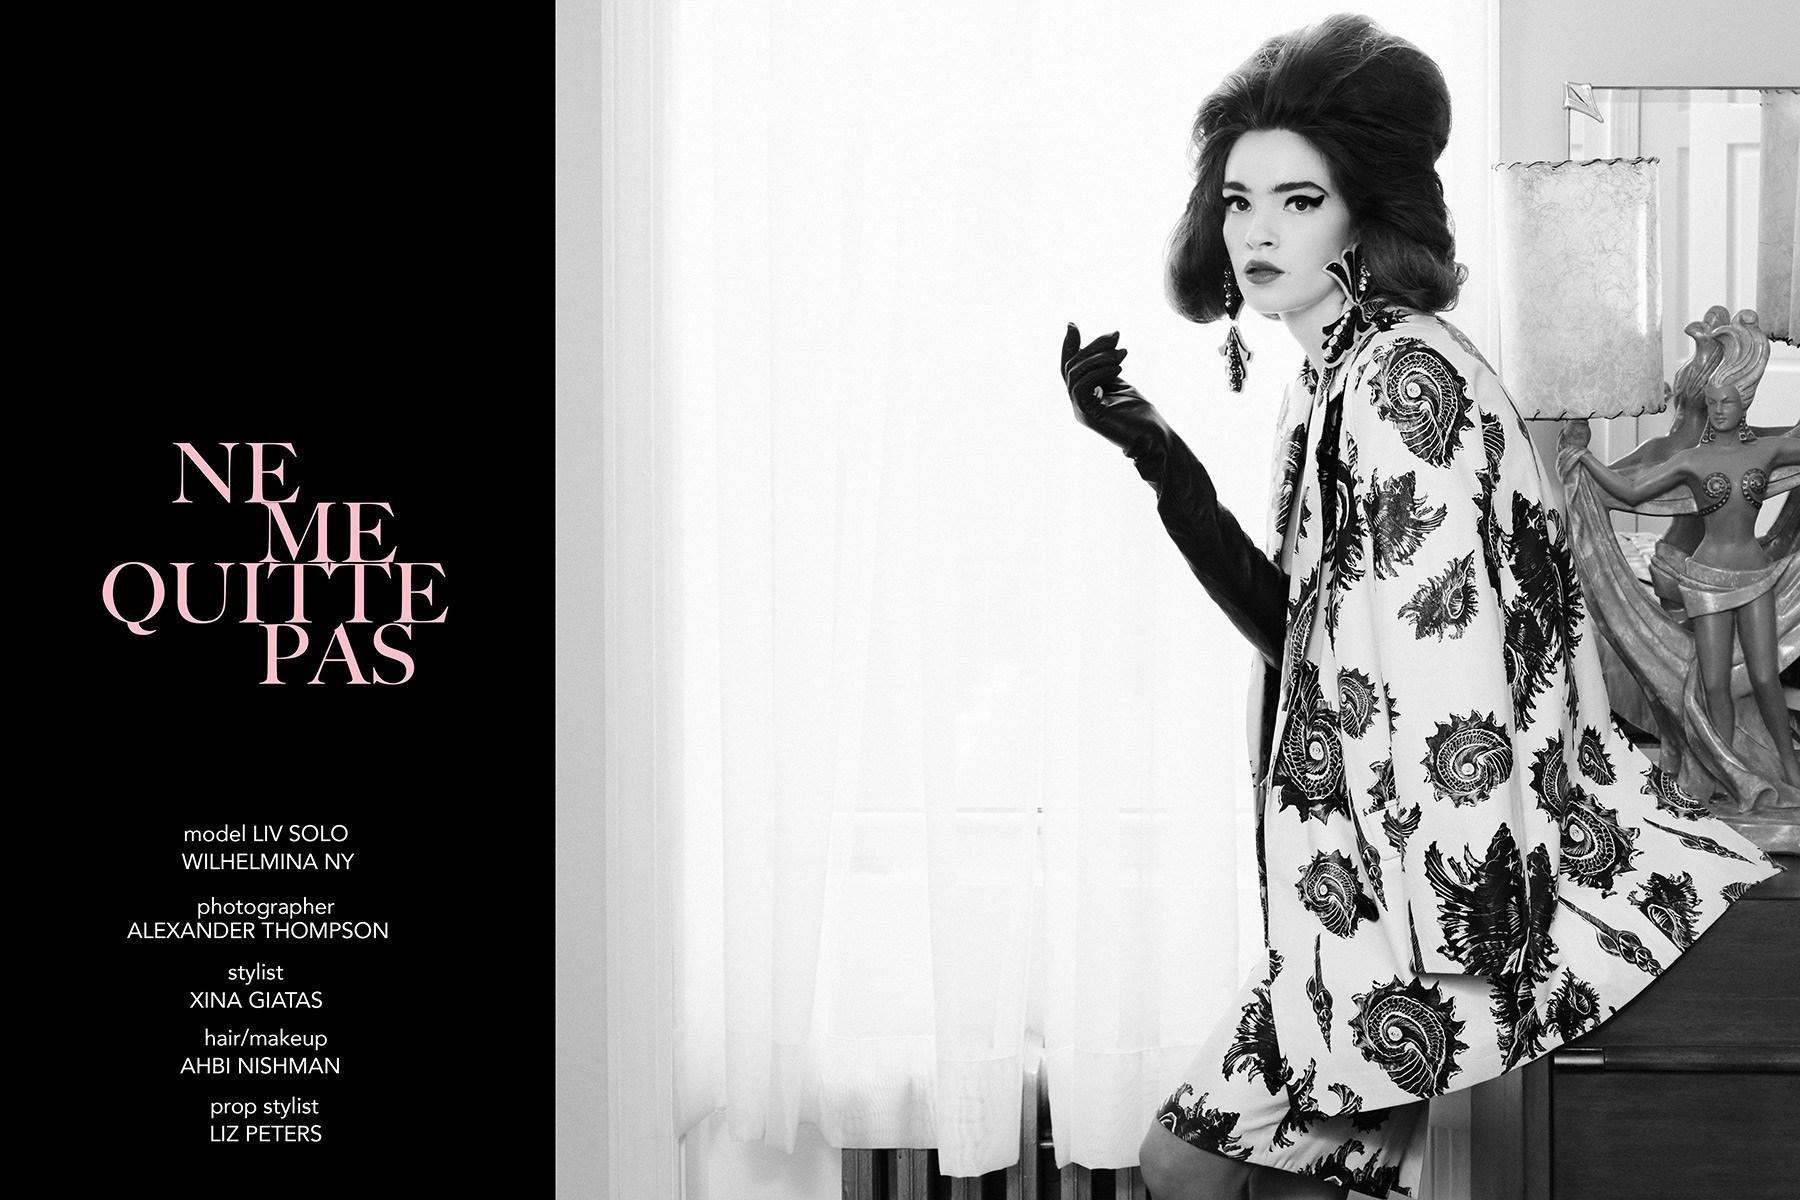 Wilhemina model Liv Solo stars in